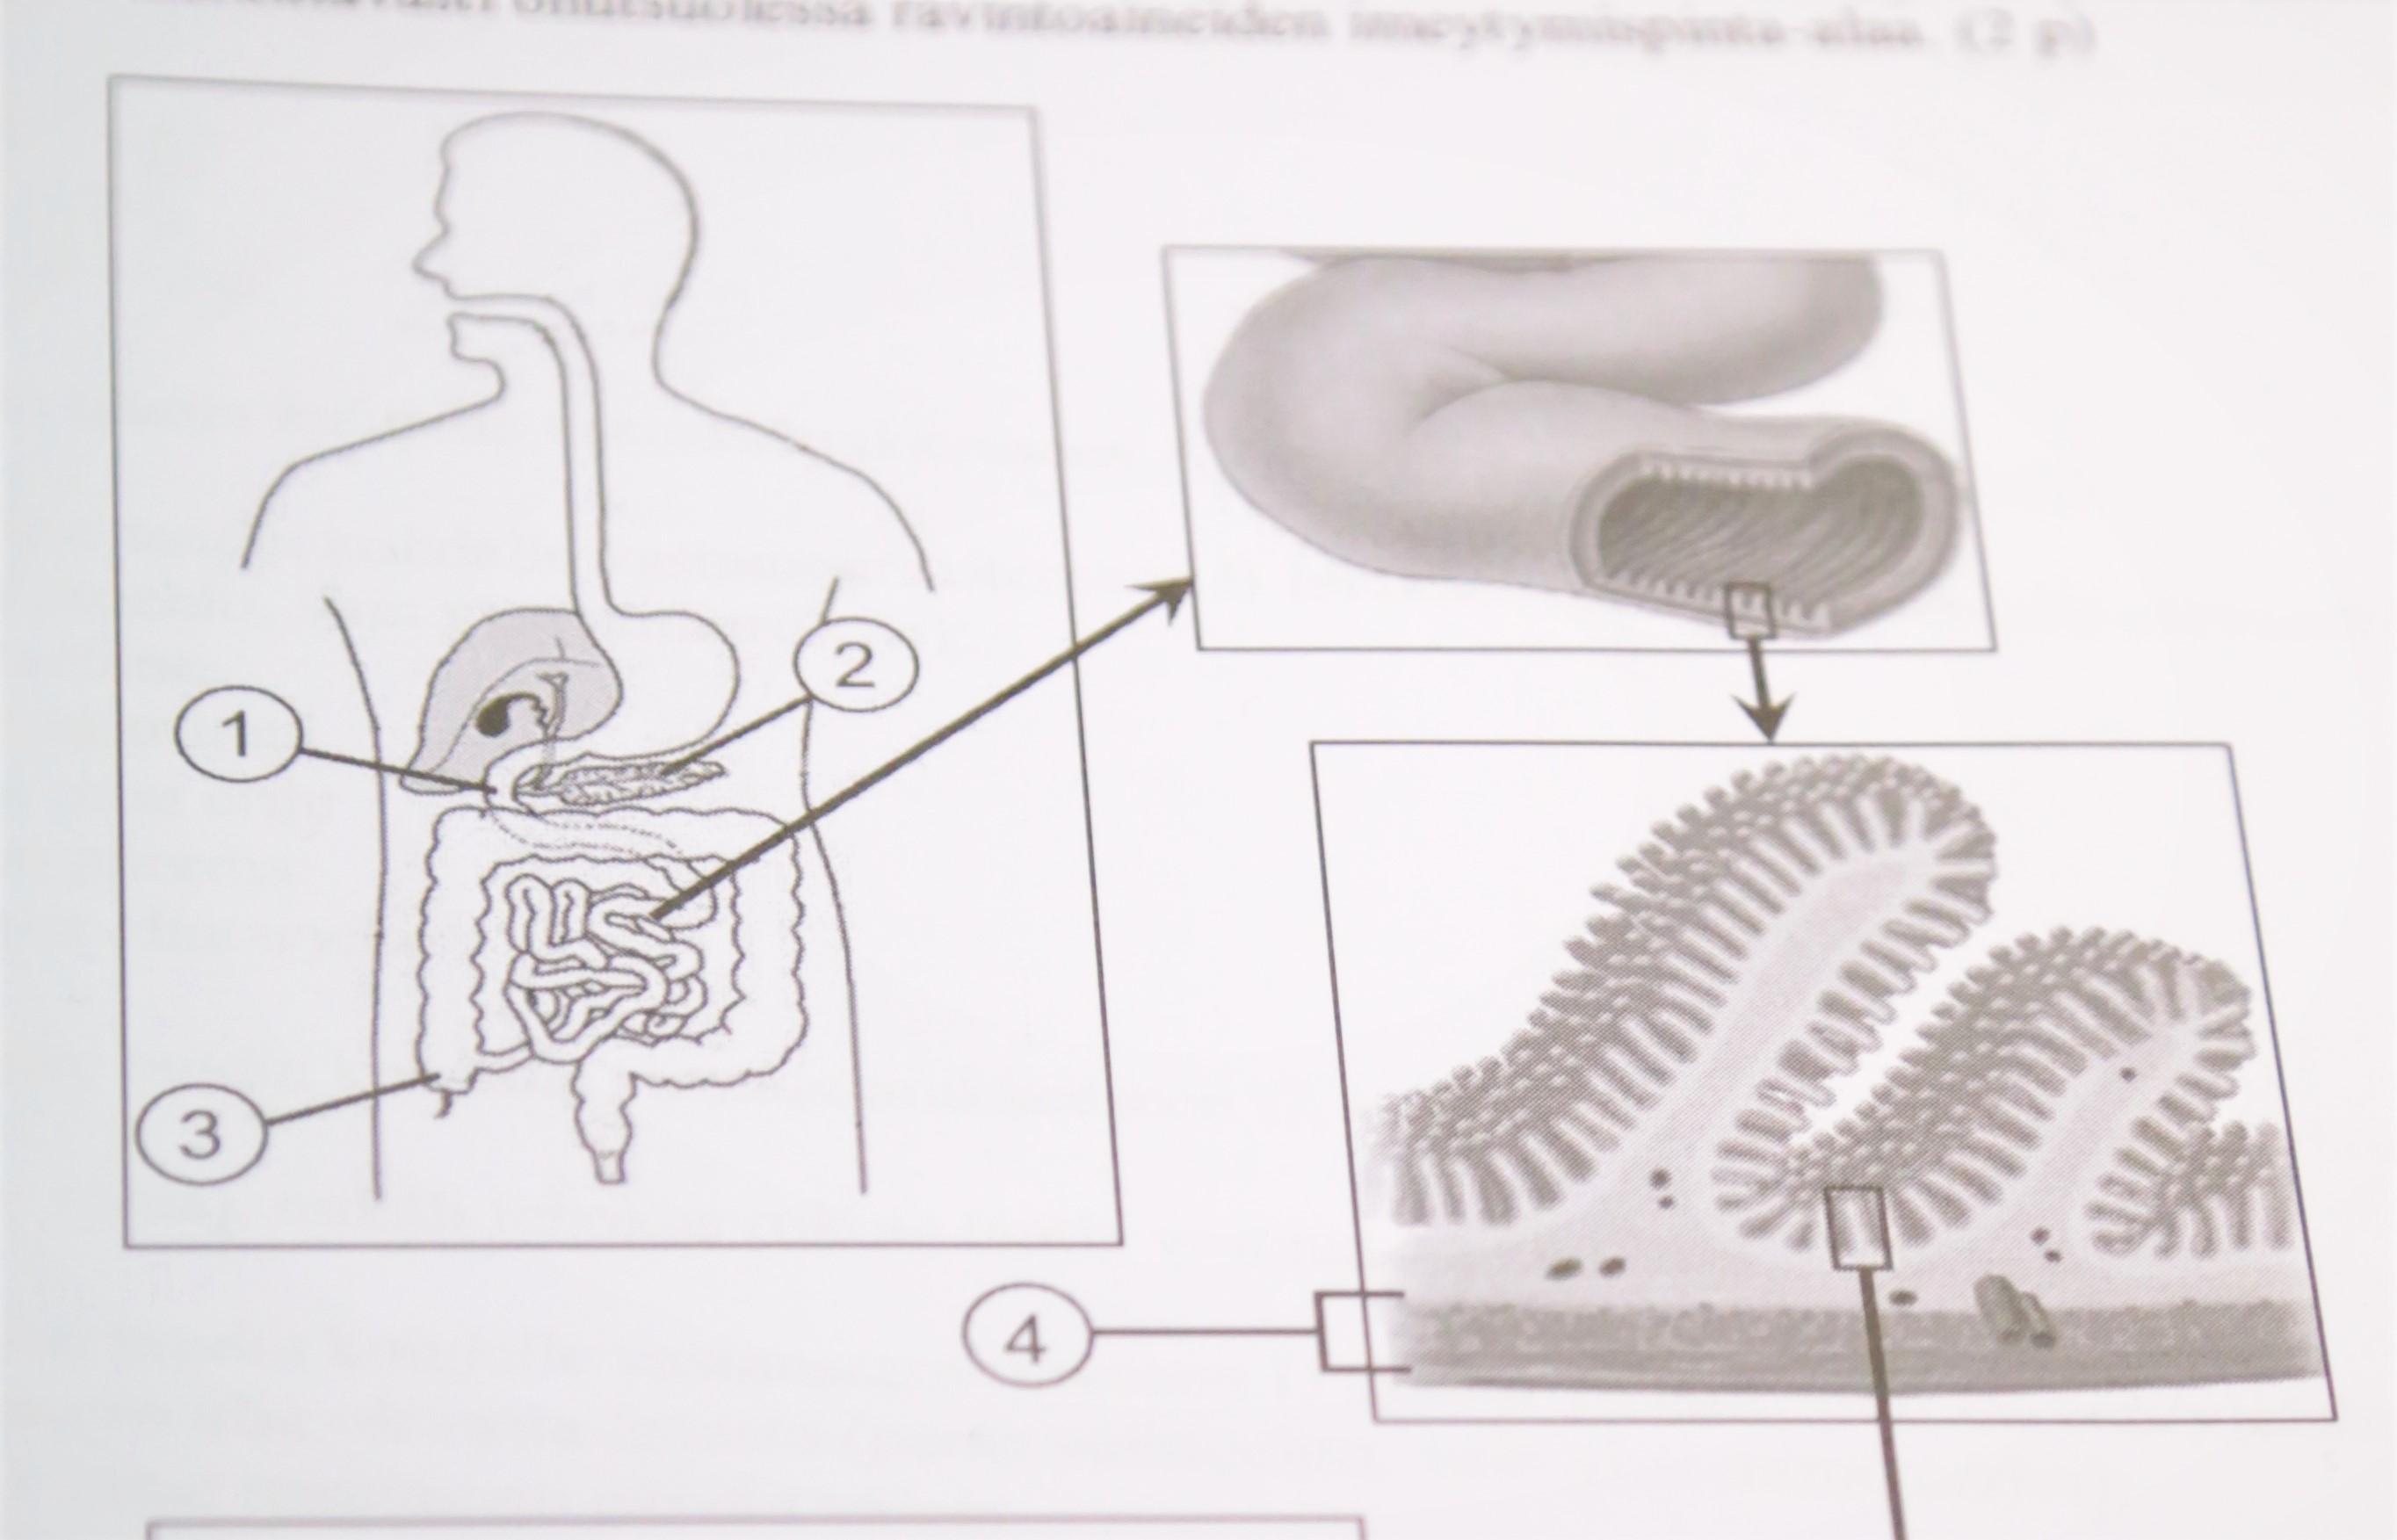 Biologiassa kysyttiin vuoden 2019 lääkiksen pääsykokeessa poikkeuksellisen paljon anatomiaa.